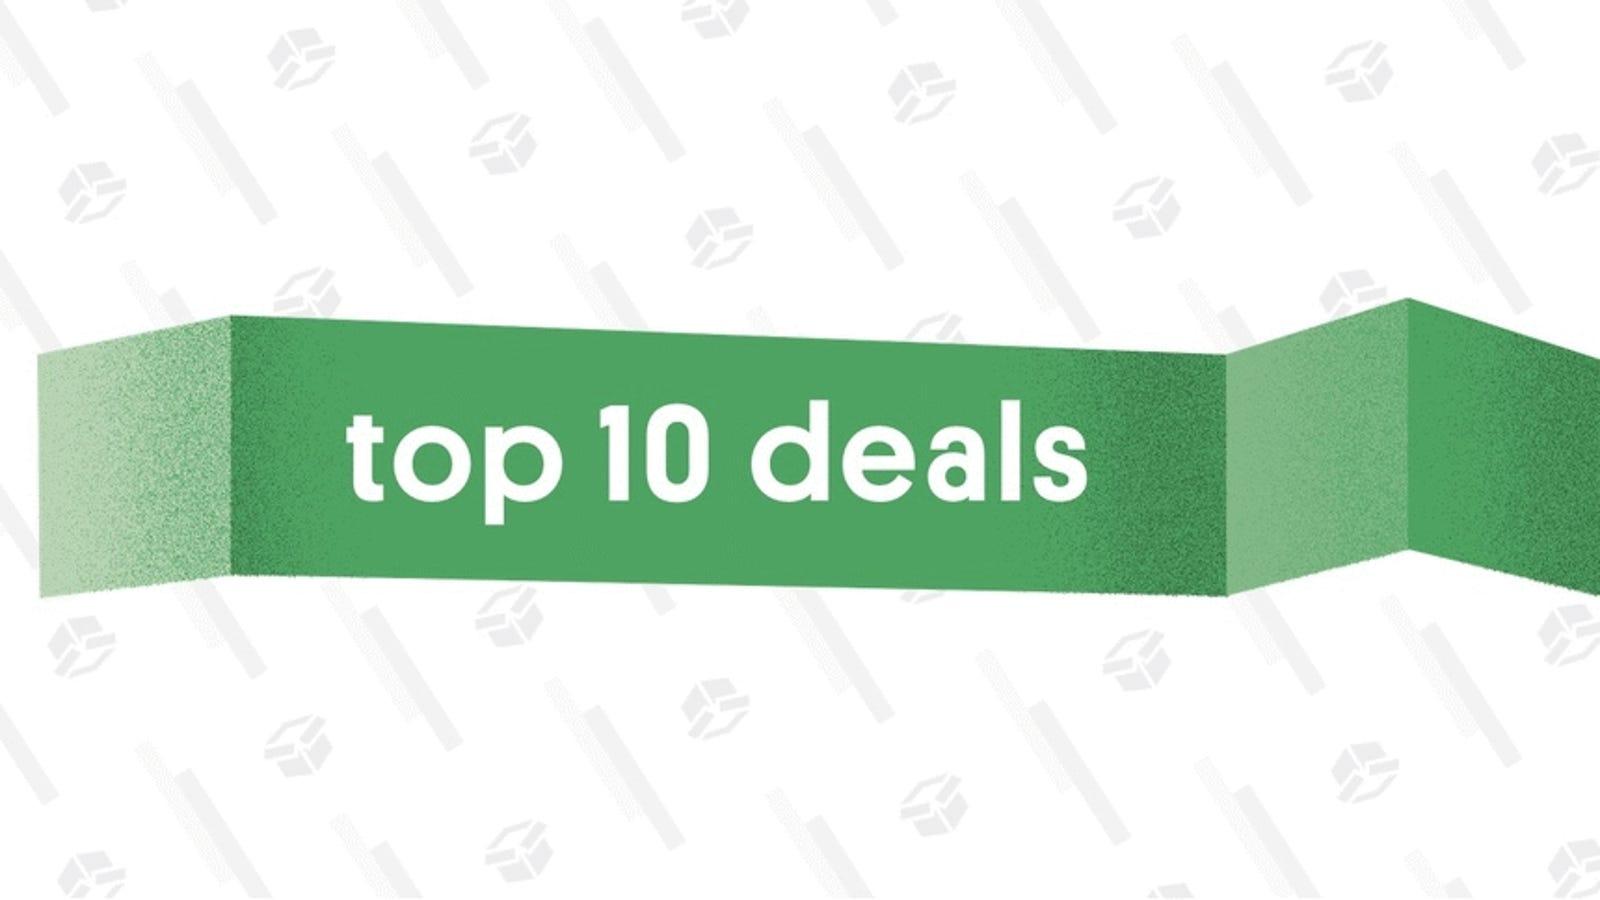 The 10 Best Deals of June 18, 2018